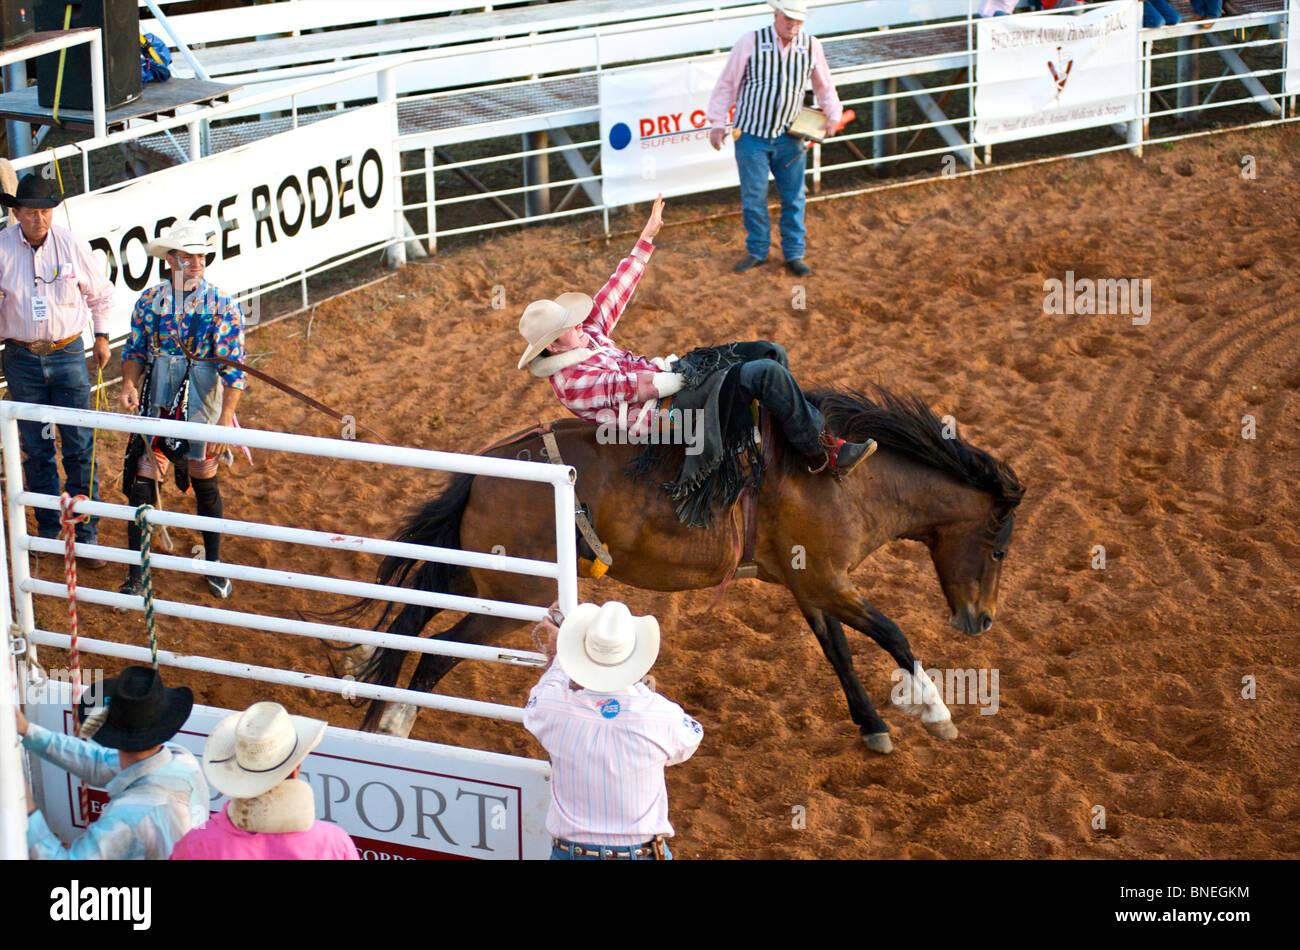 L'essayant de jeter Rodeo Cowboy membre de l'érythroblastopénie à partir de son retour à Petite-ville Bridgeport Texas, États-Unis Banque D'Images